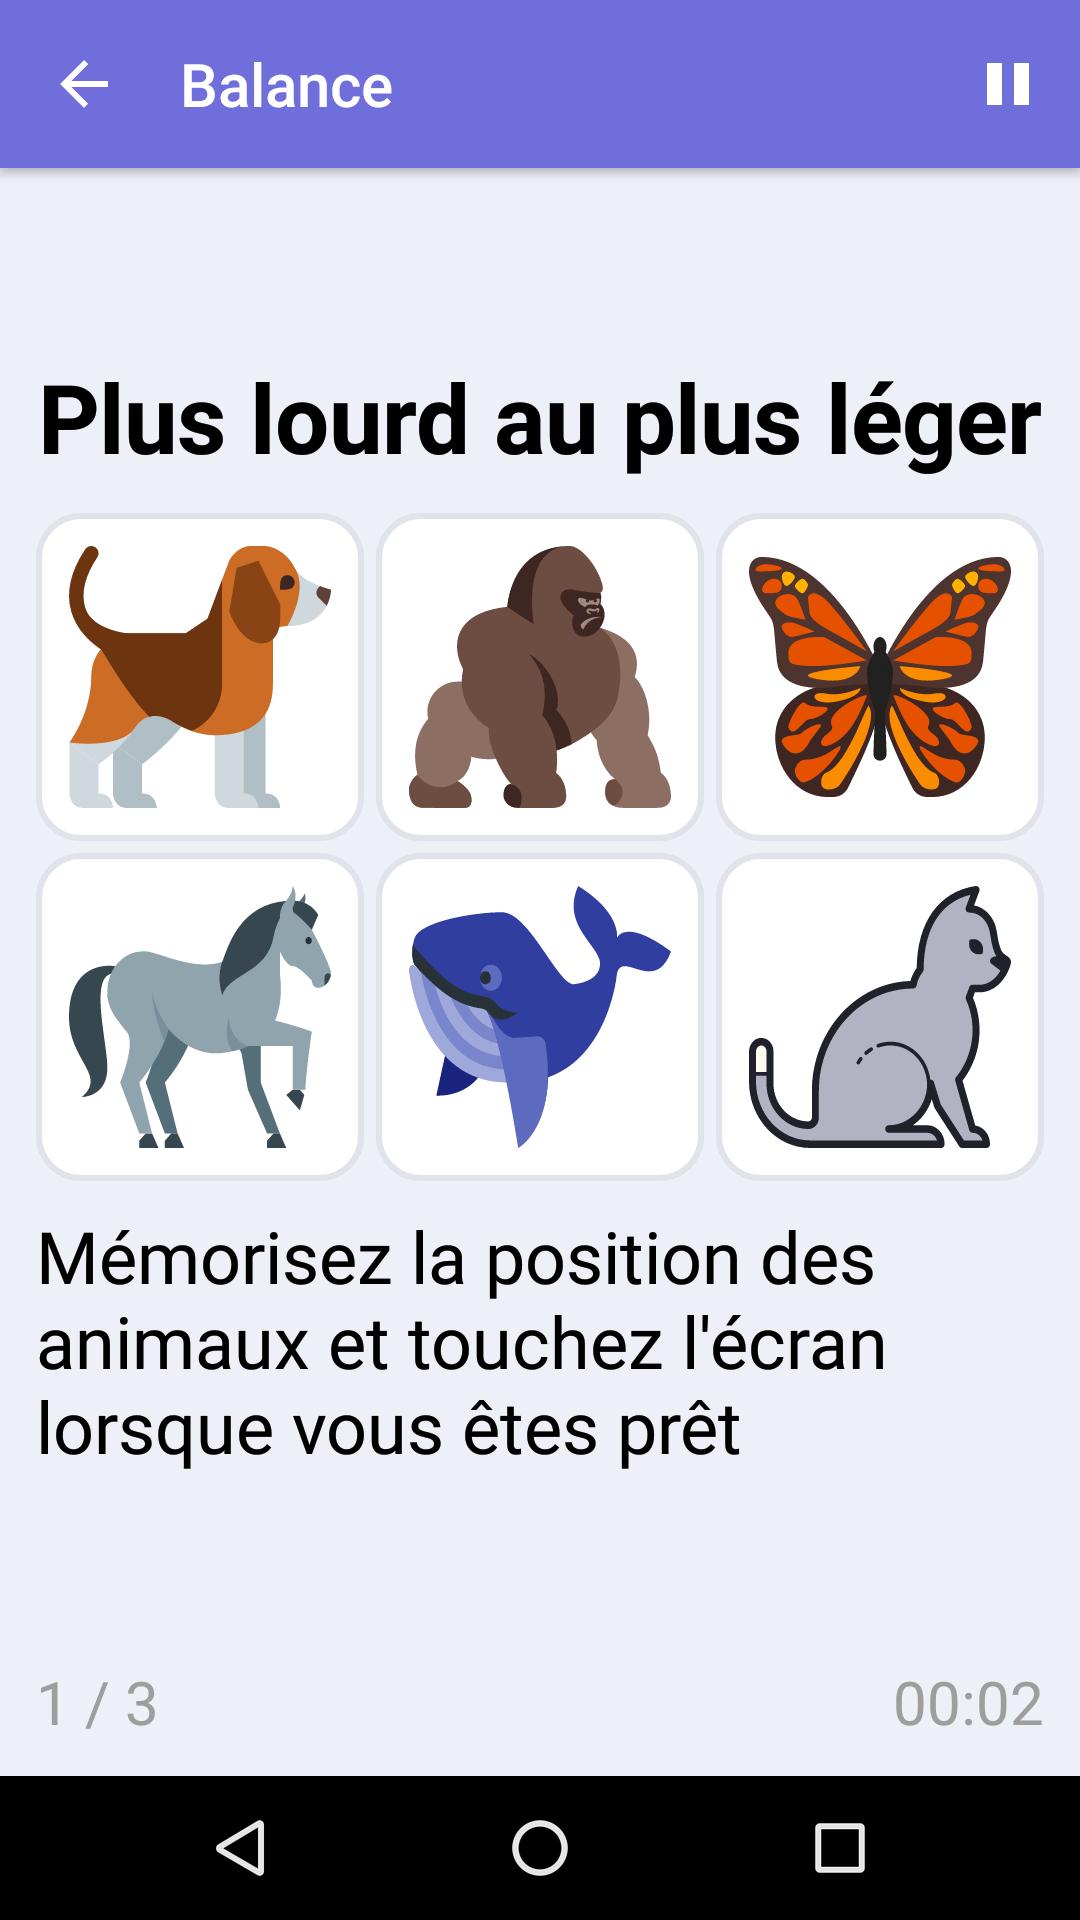 Jeux Cérébraux Gratuits Pour Iphone & Android - Brainilis destiné Jeux De Animaux Gratuit